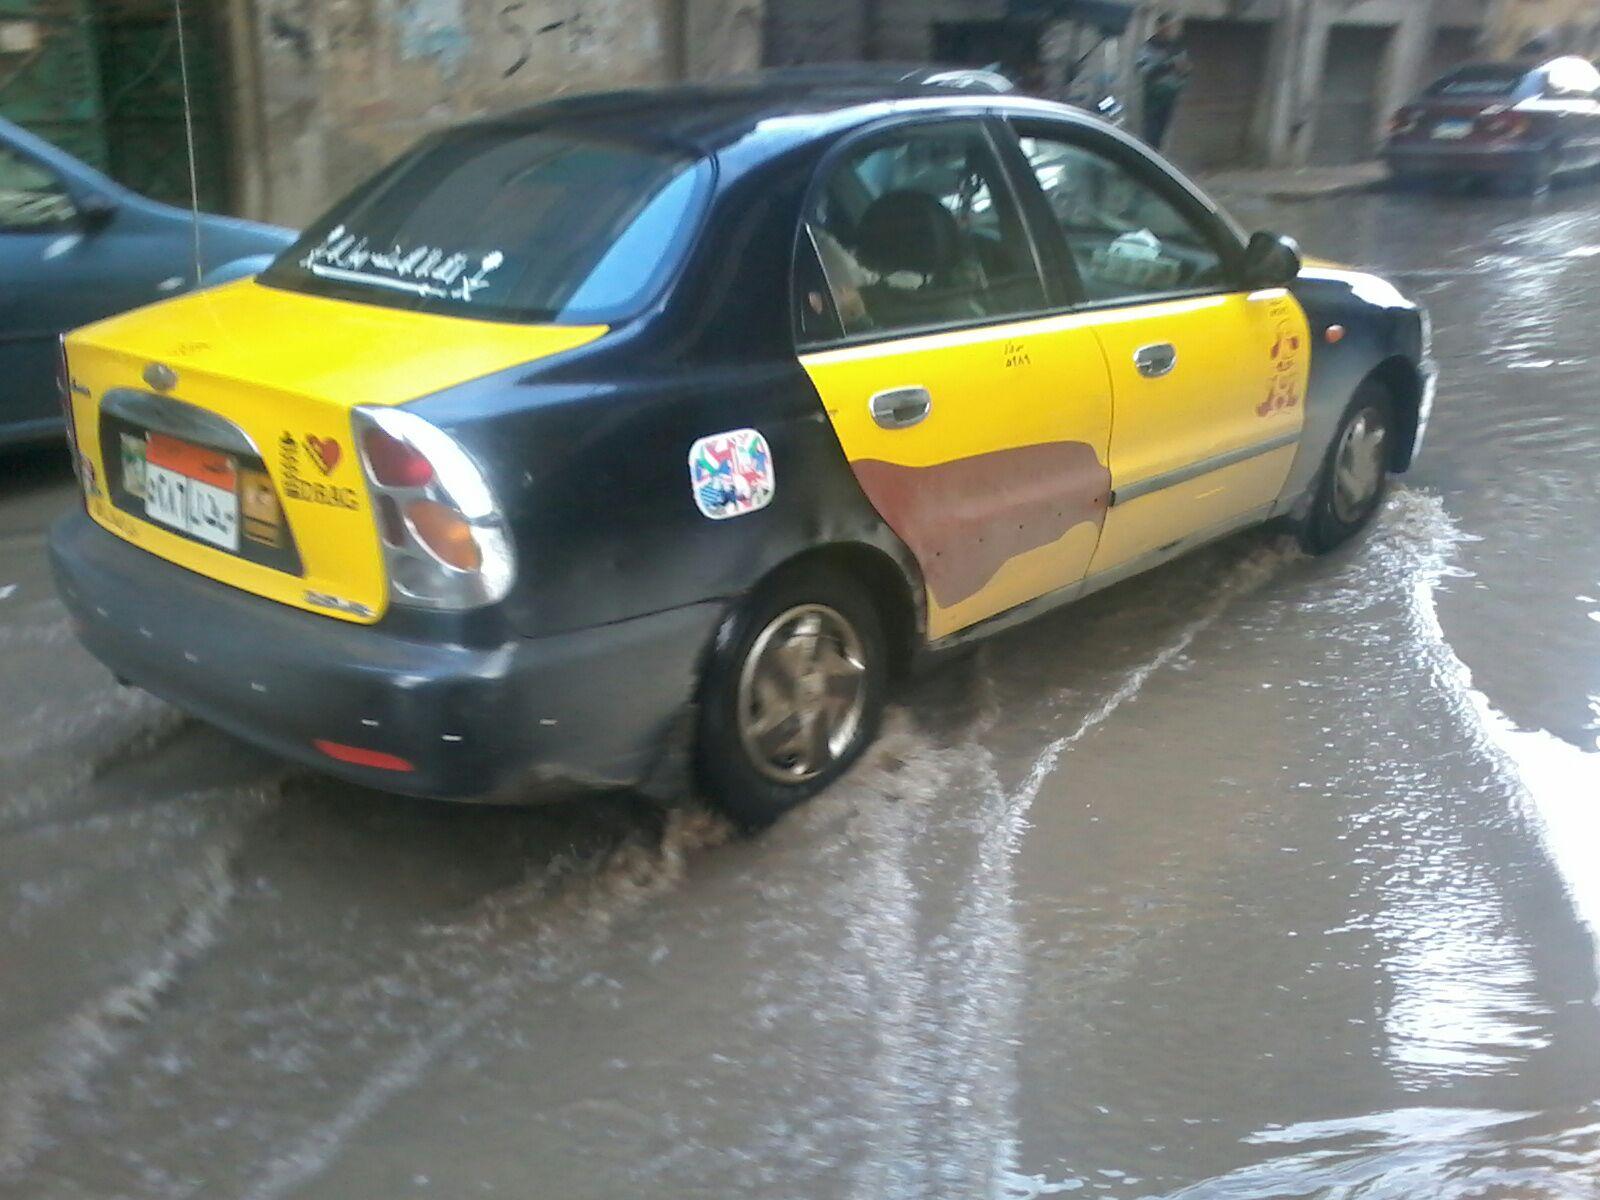 أمطار غزيرة تغرق شوارع في محرم بك بالإسكندرية